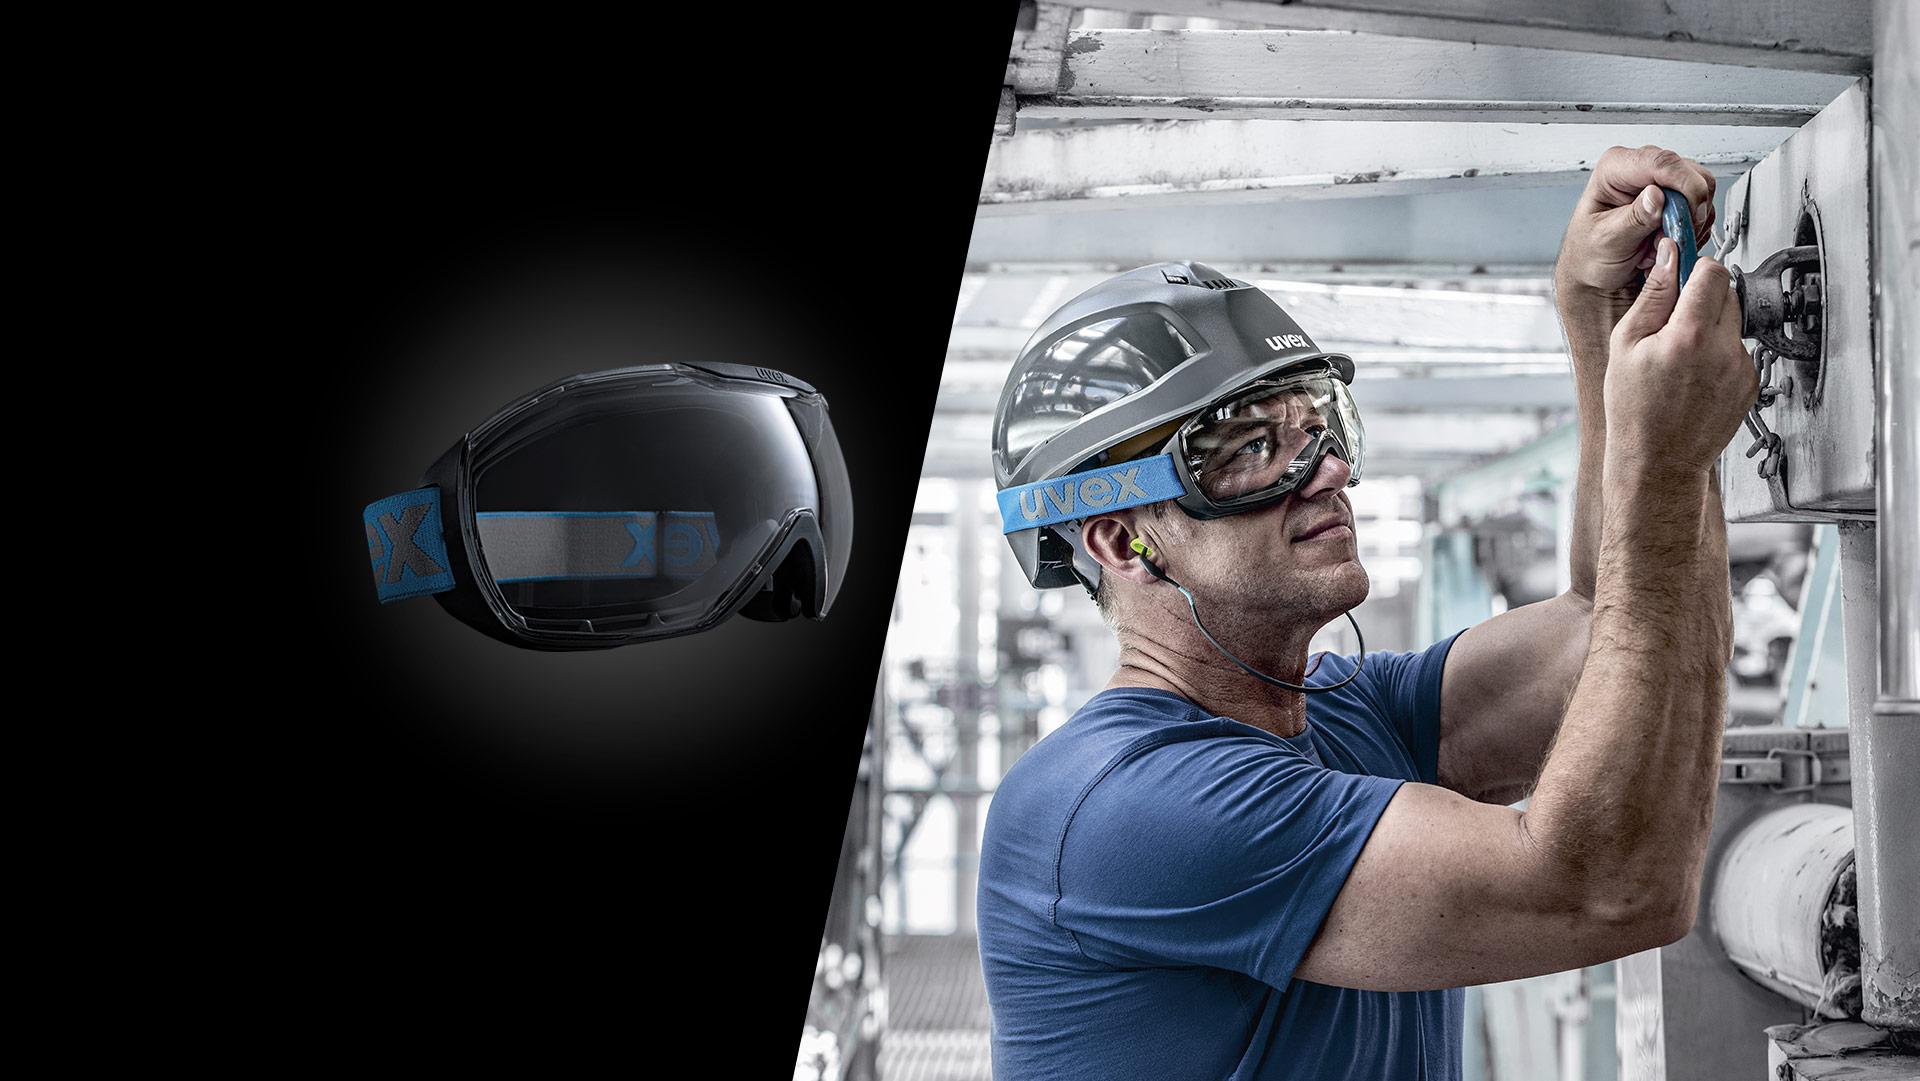 uvex megasonic safety goggles